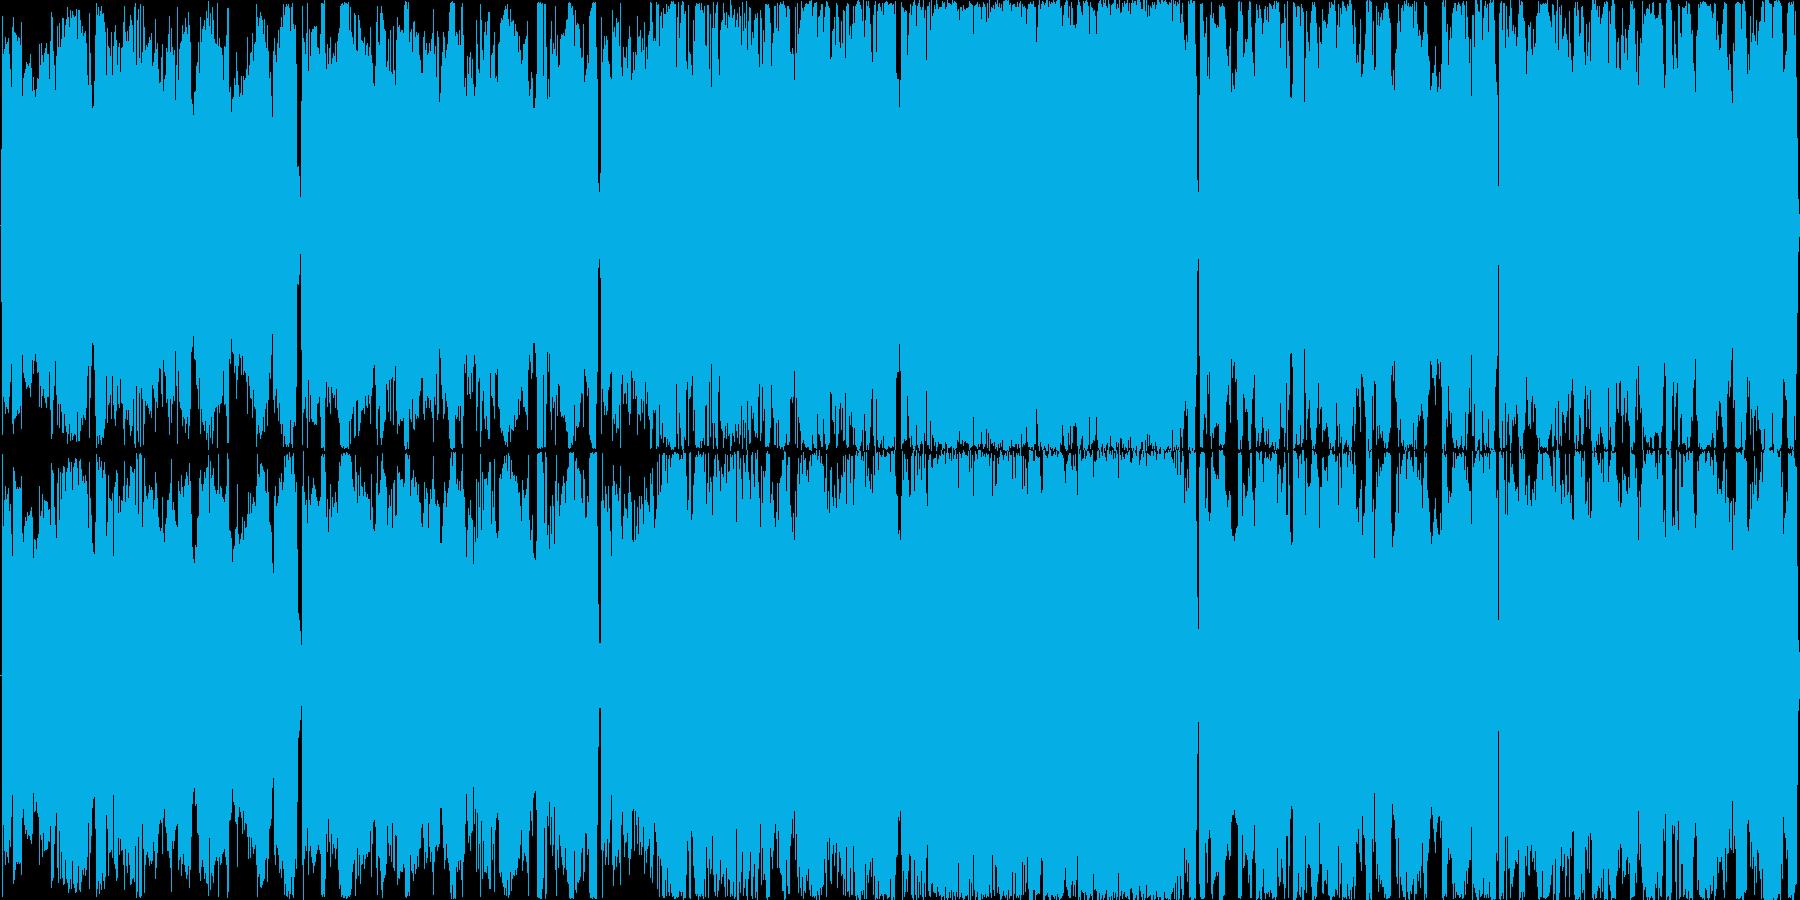 【サイバーロック/オープニング】の再生済みの波形